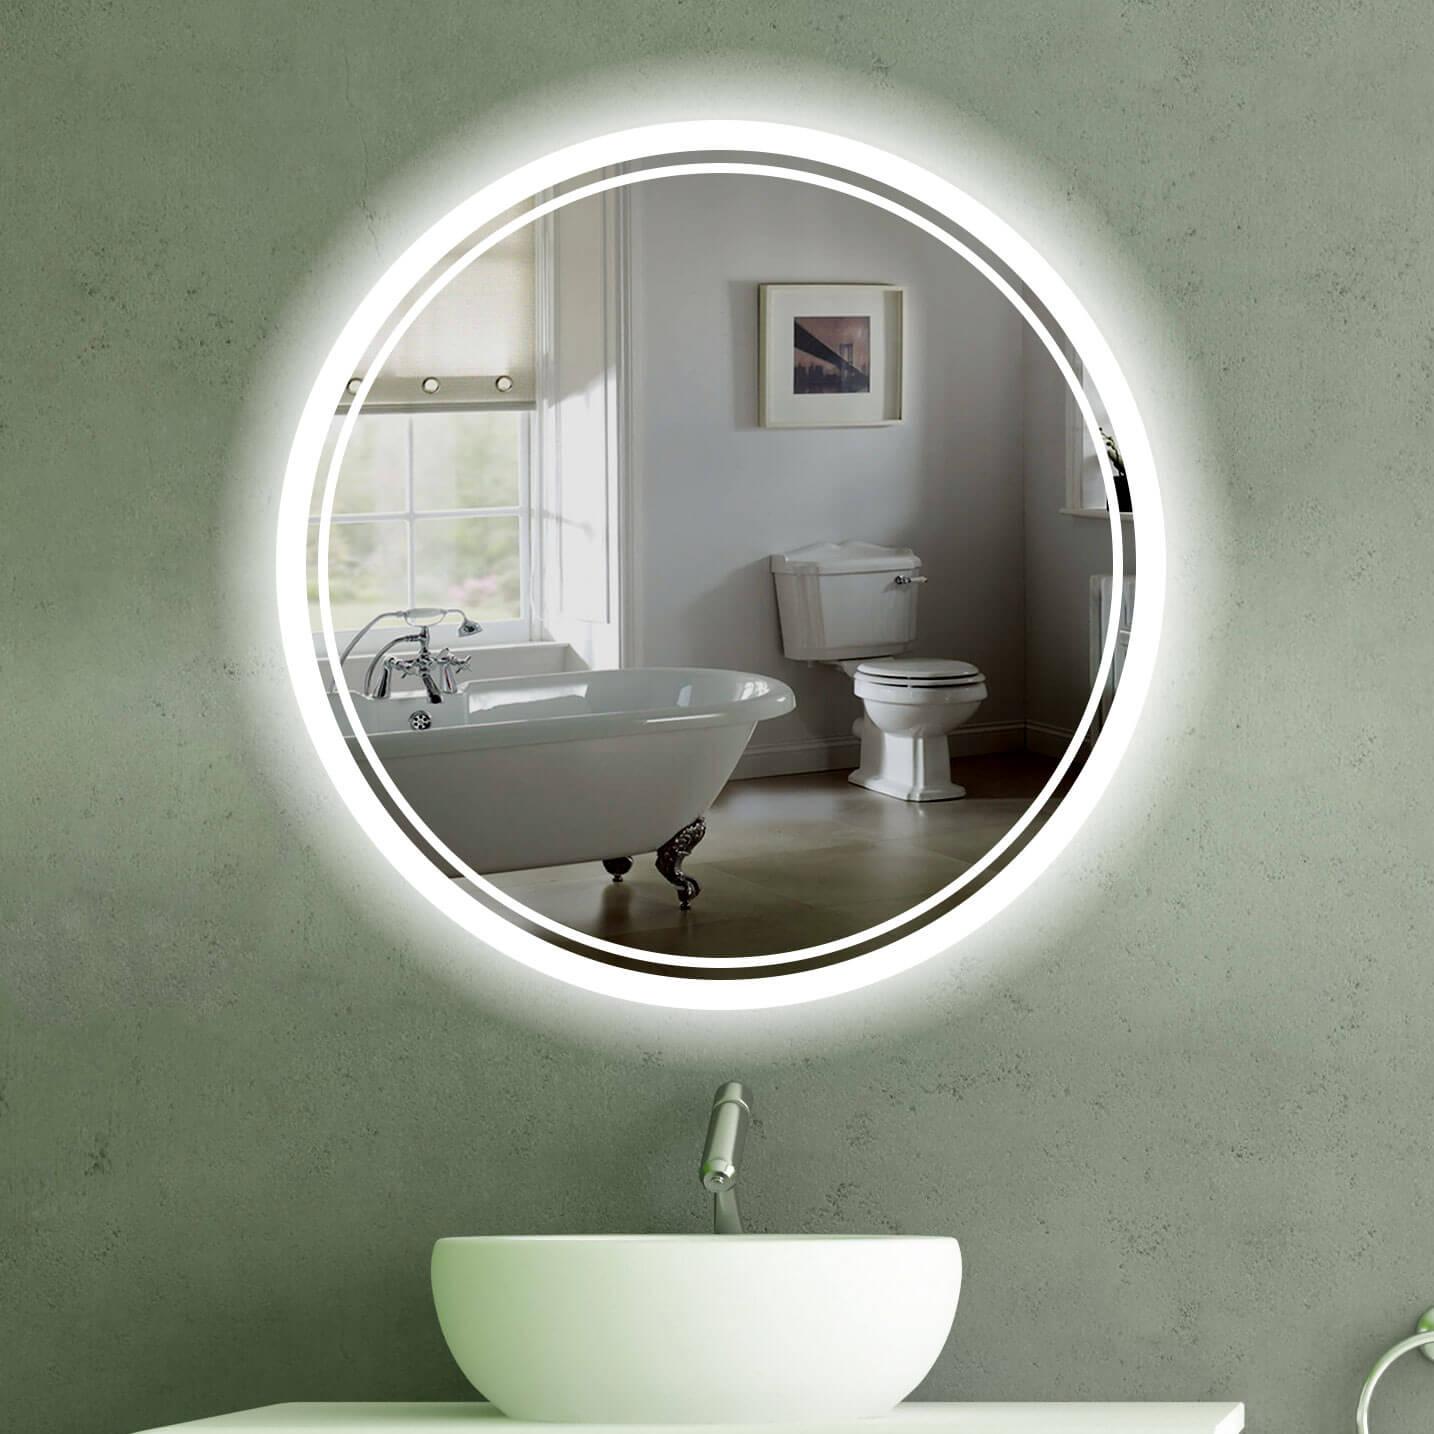 Badspiegel rund mit beleuchtung gm77 hitoiro for Spiegel id